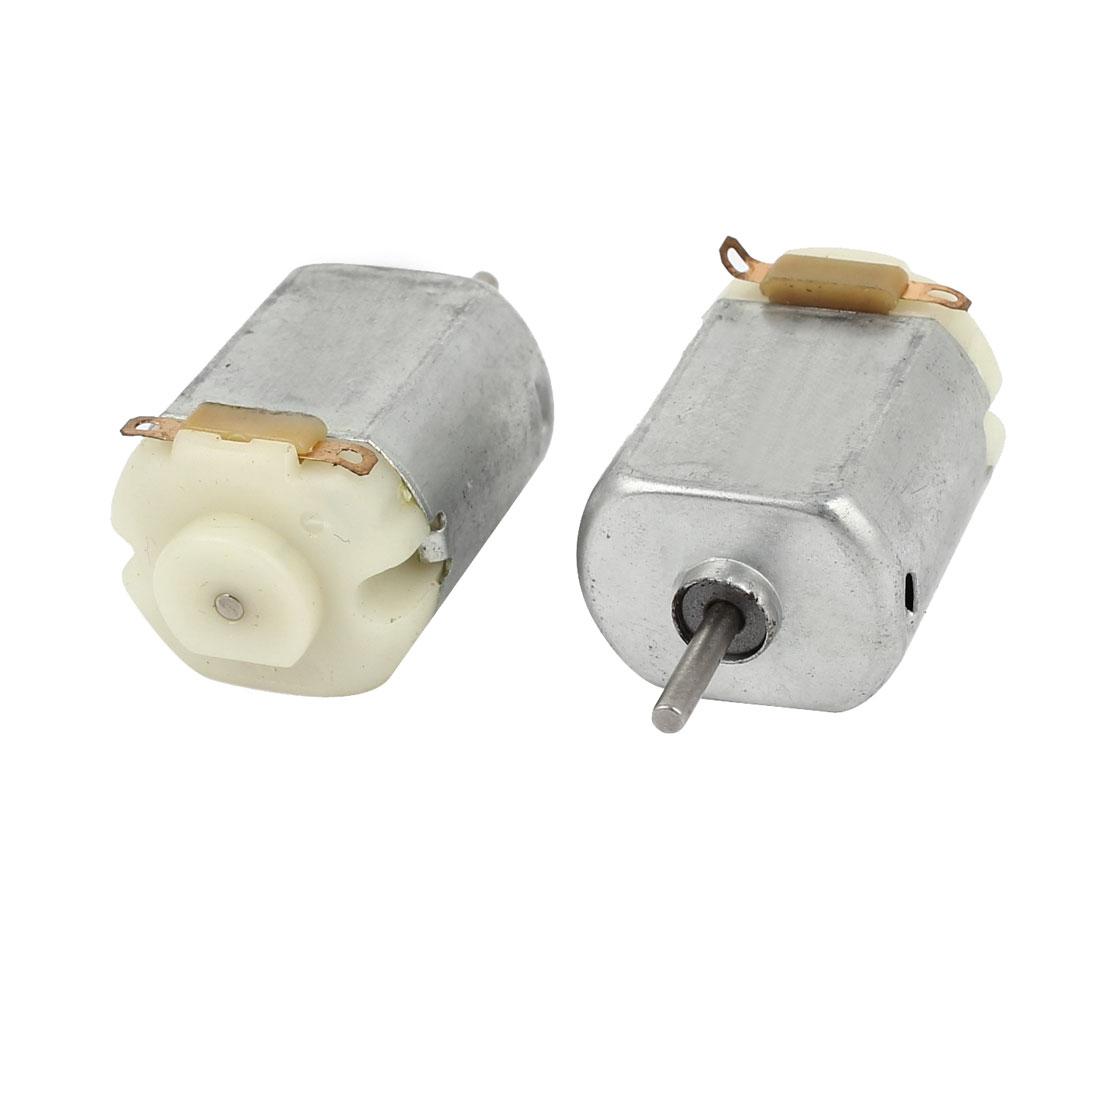 2pcs High Torque Cylinder Shaped DIY Toy Motor DC 1.5-3V 18000r/min